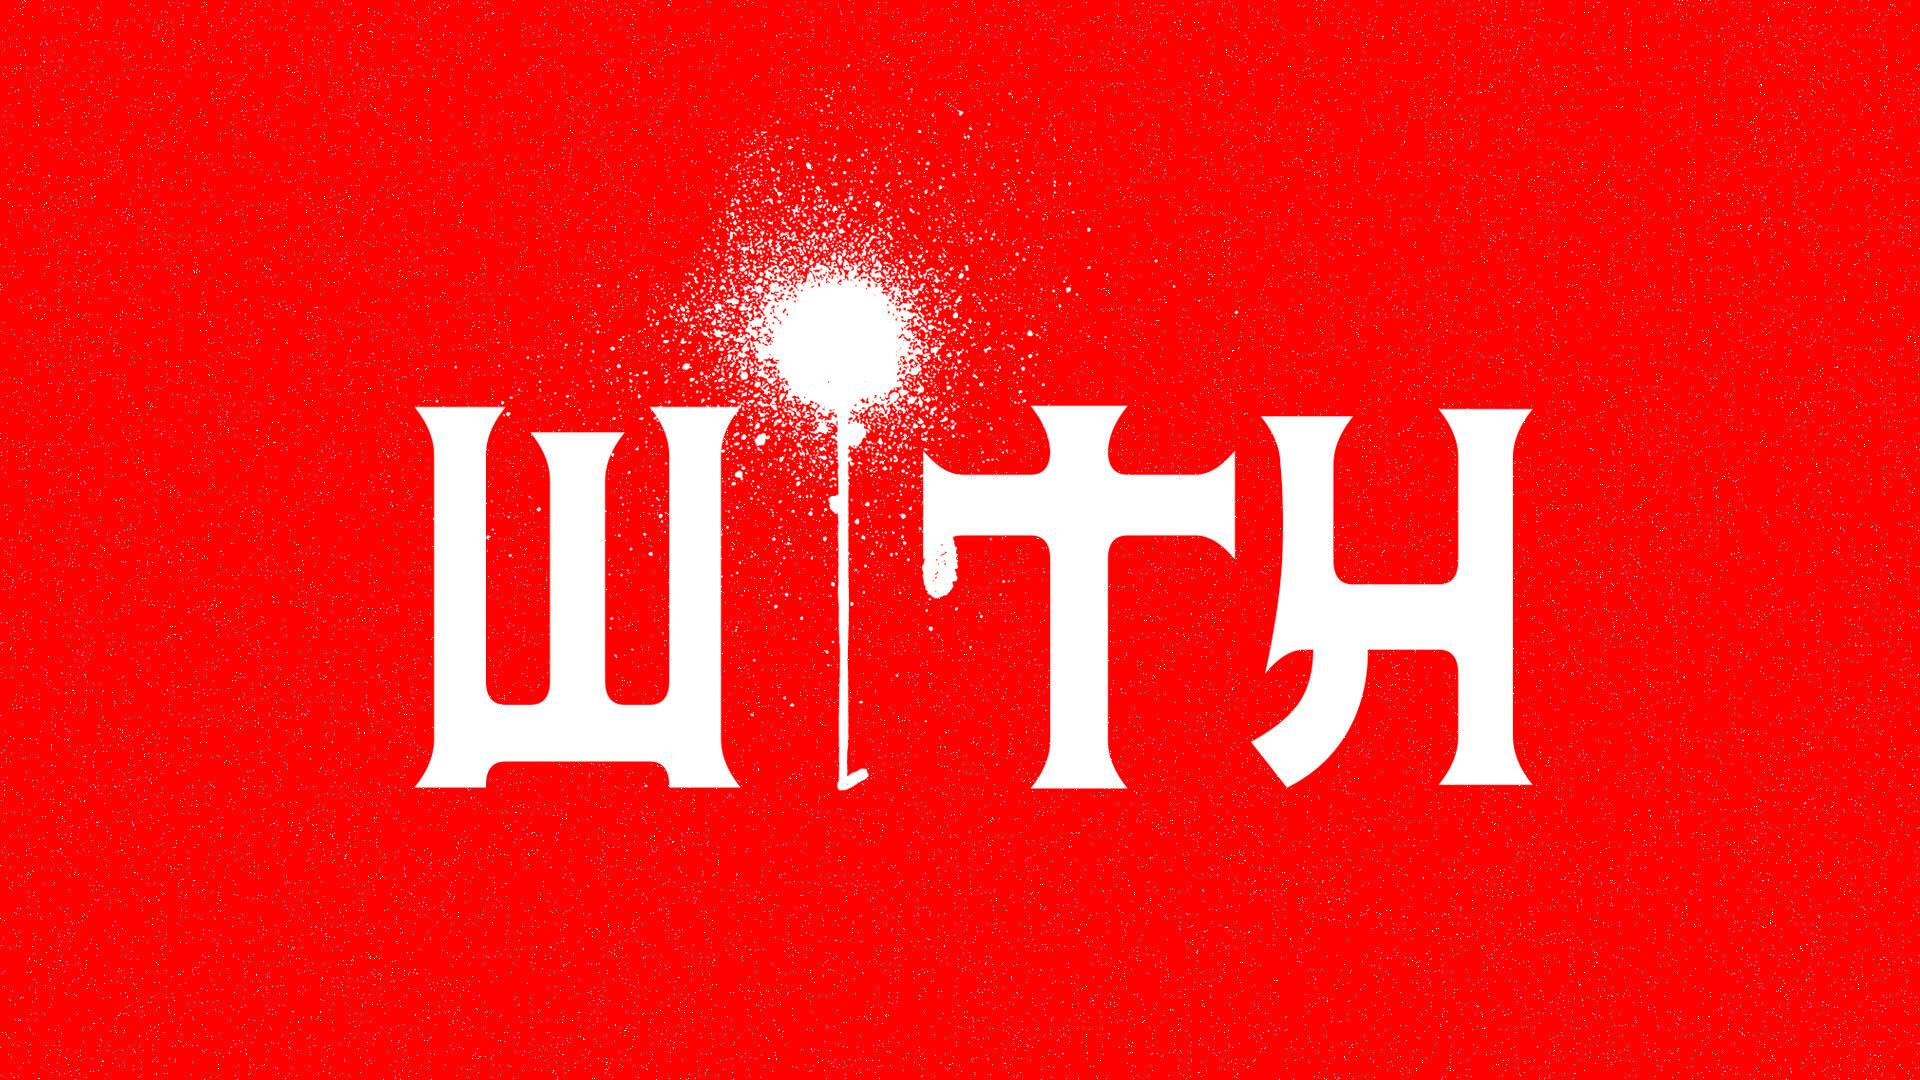 GEZANとマヒト監督の映画『i ai』に迫るドキュメンタリー『#WiTH』が期間限定で公開|森山未來、平体雄二らも参加 film210921_iai_6